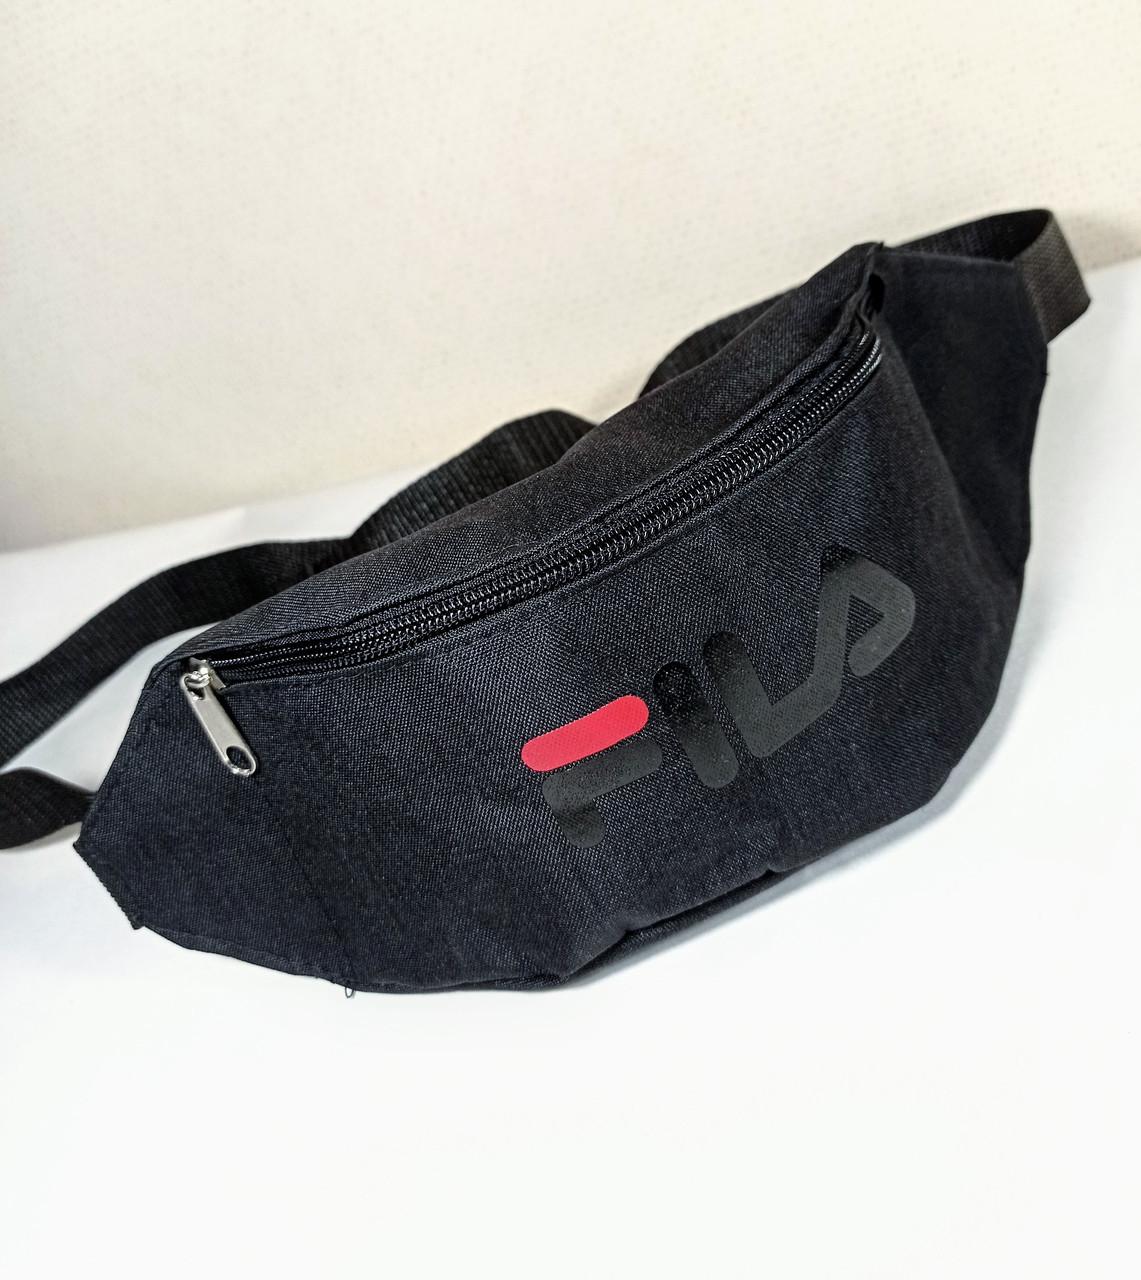 Бананка дитяча / жіноча. Молодіжна сумка на пояс 30х10х6 см